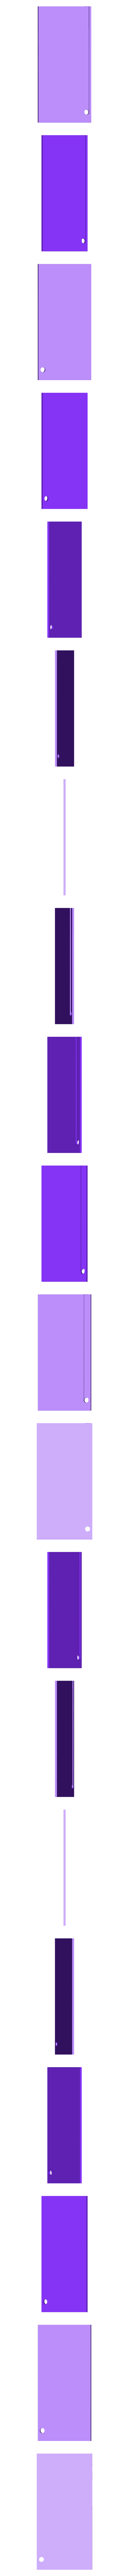 perfil funko 2.STL Télécharger fichier STL Boîte à lumière Funko Pop • Plan pour imprimante 3D, SnakeCreations